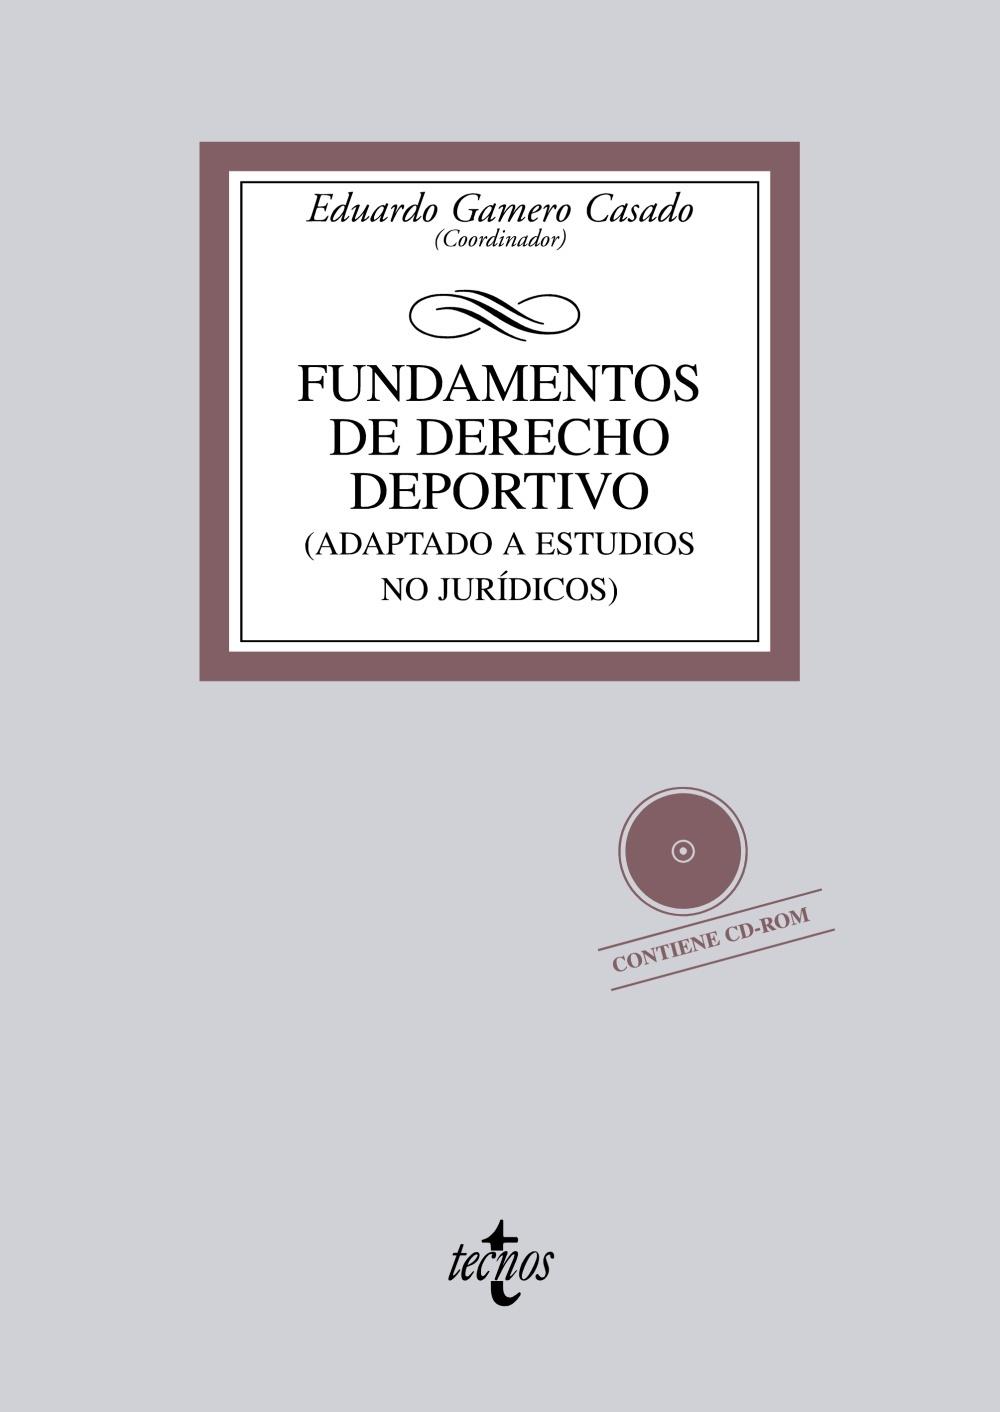 FUNDAMENTOS DE DERECHO DEPORTIVO (ADAPTADO A ESTUDIOS NO JURÍDICOS)